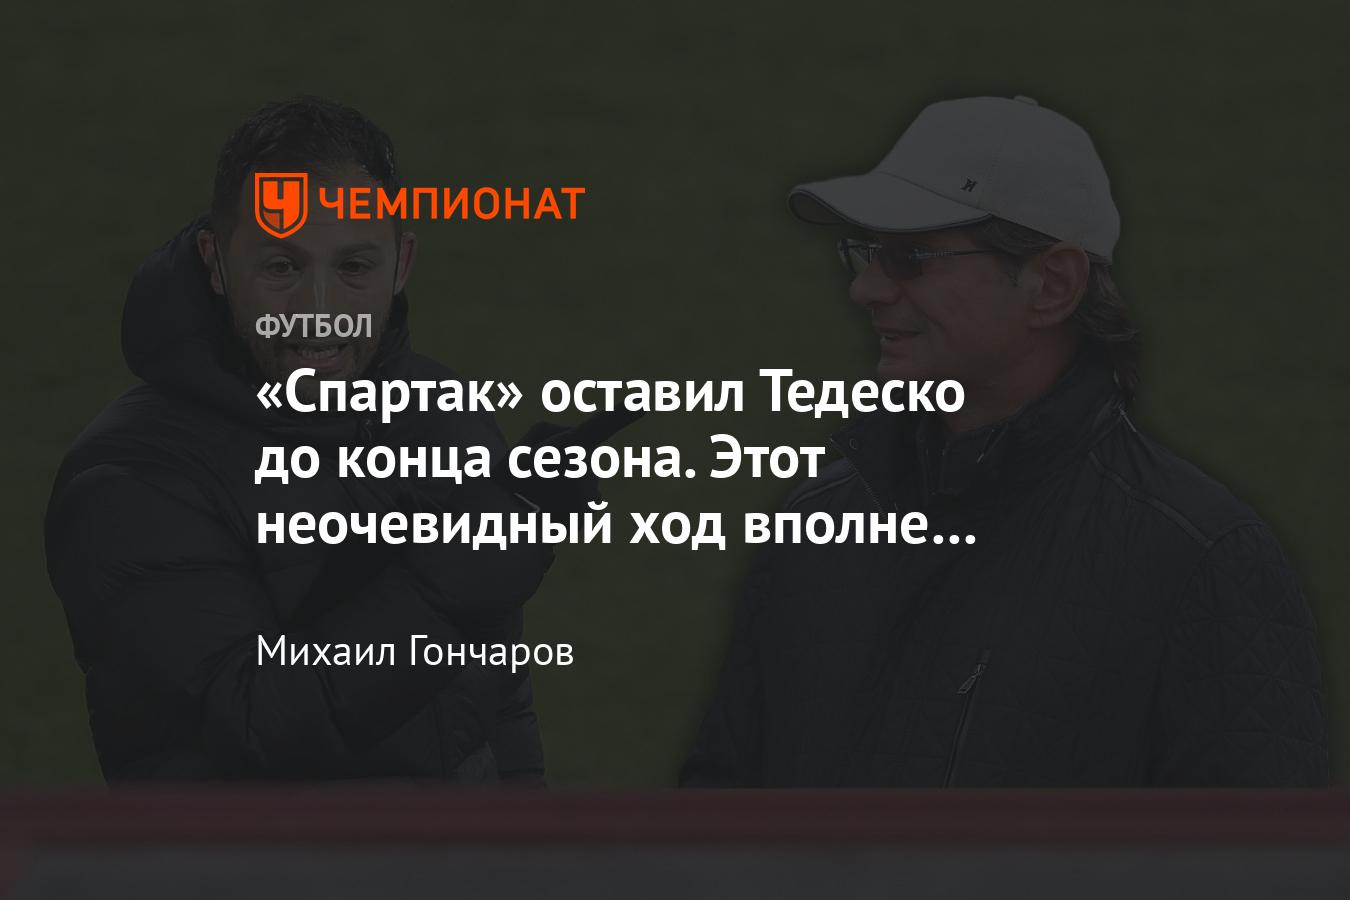 «Спартак» оставил Тедески до конца сезона РПЛ-2020/21.  Почему Федун так поступил